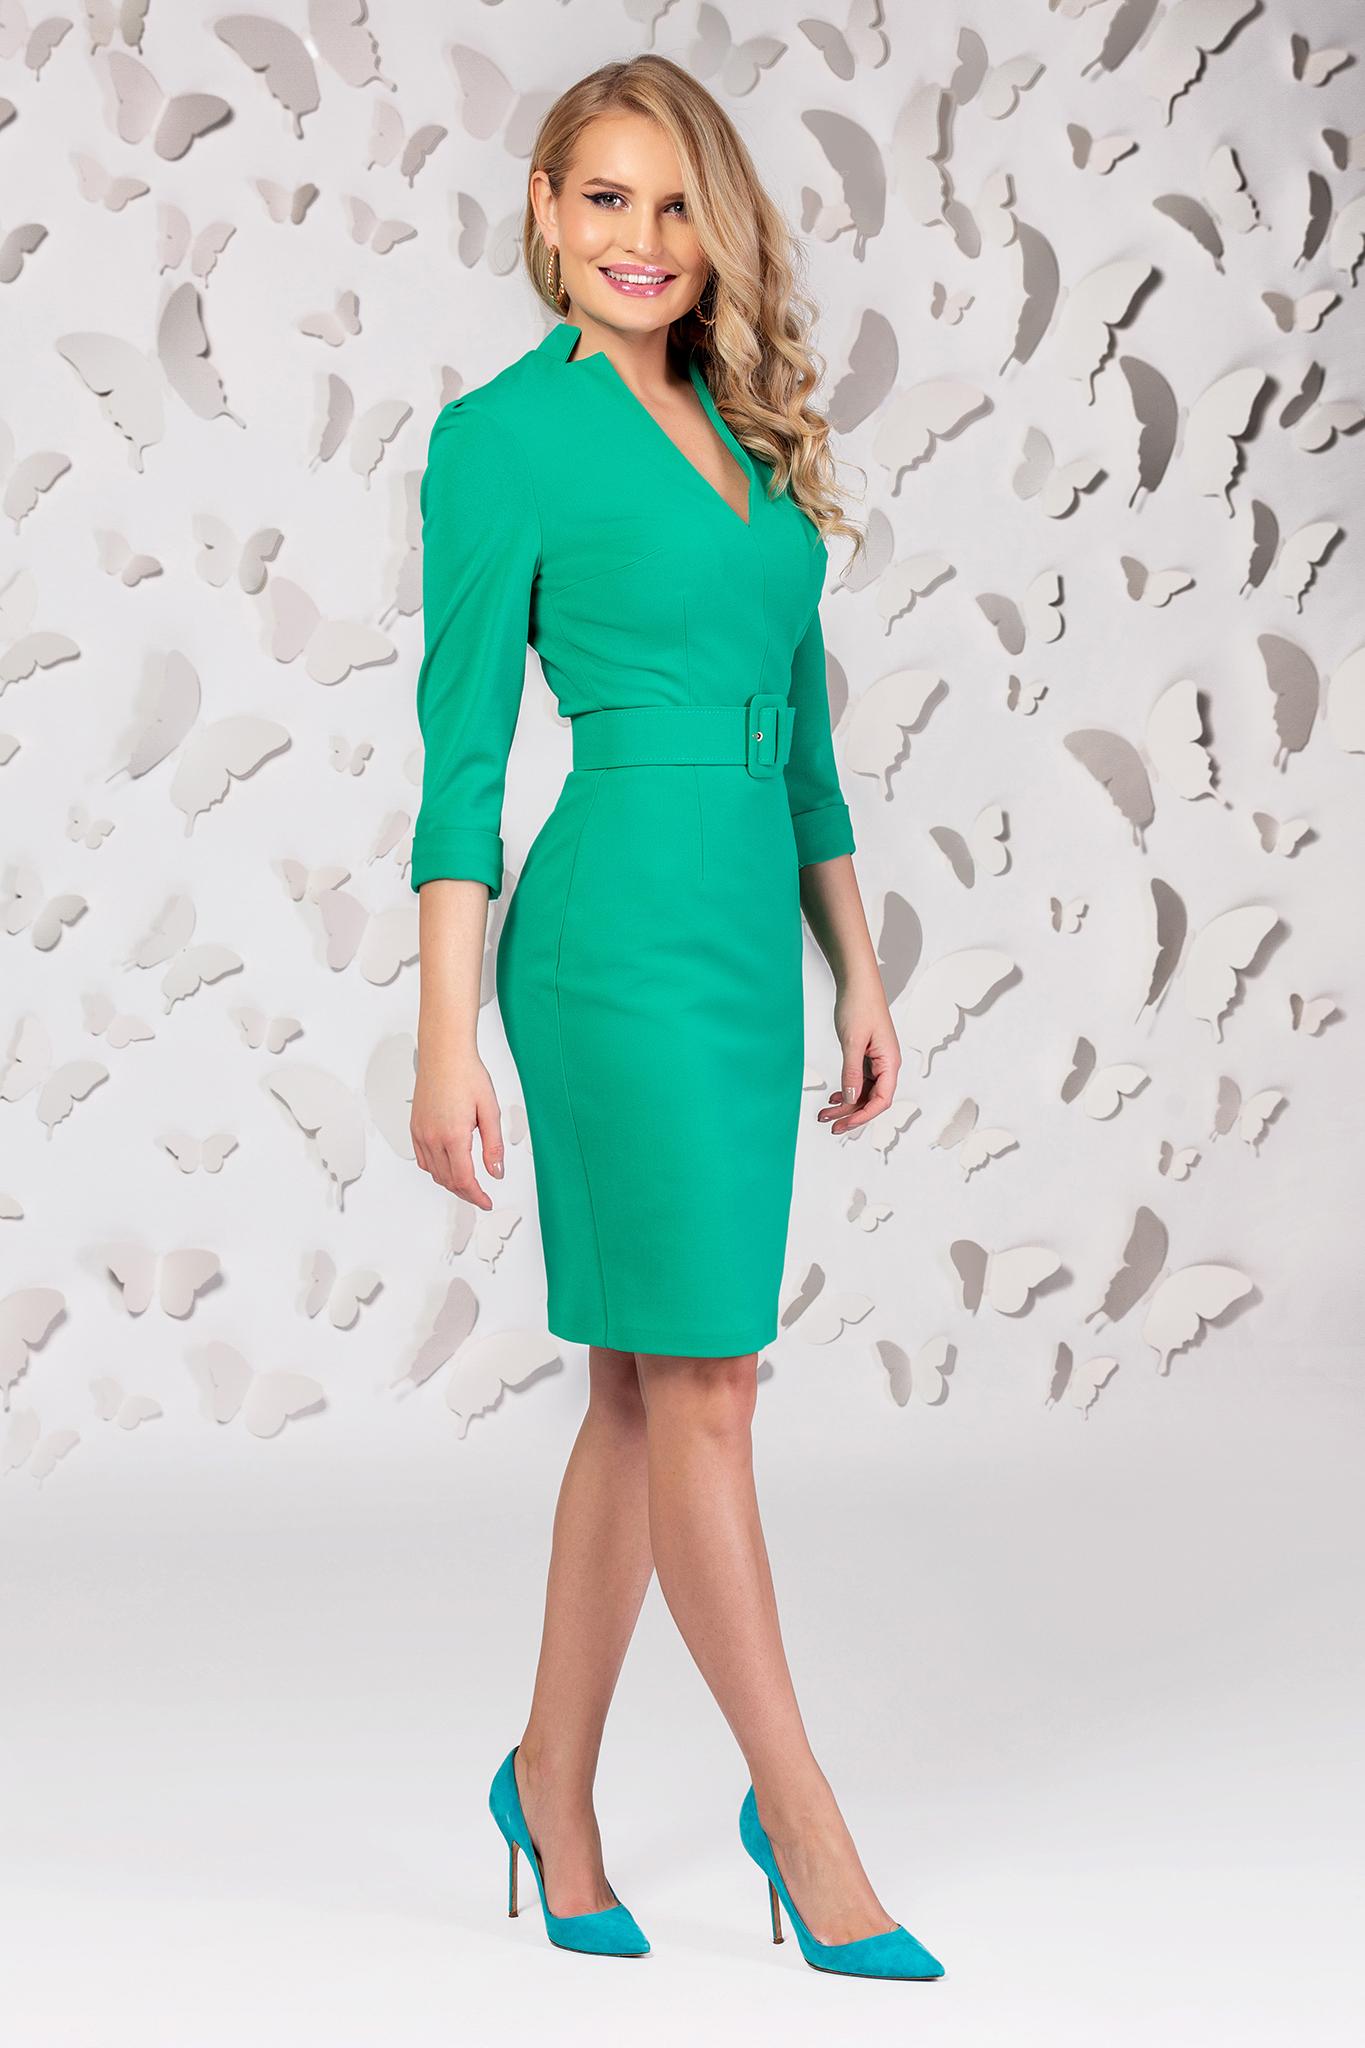 Rochie PrettyGirl verde din stofa subtire usor elastica cu decolteu in v cu accesoriu tip curea